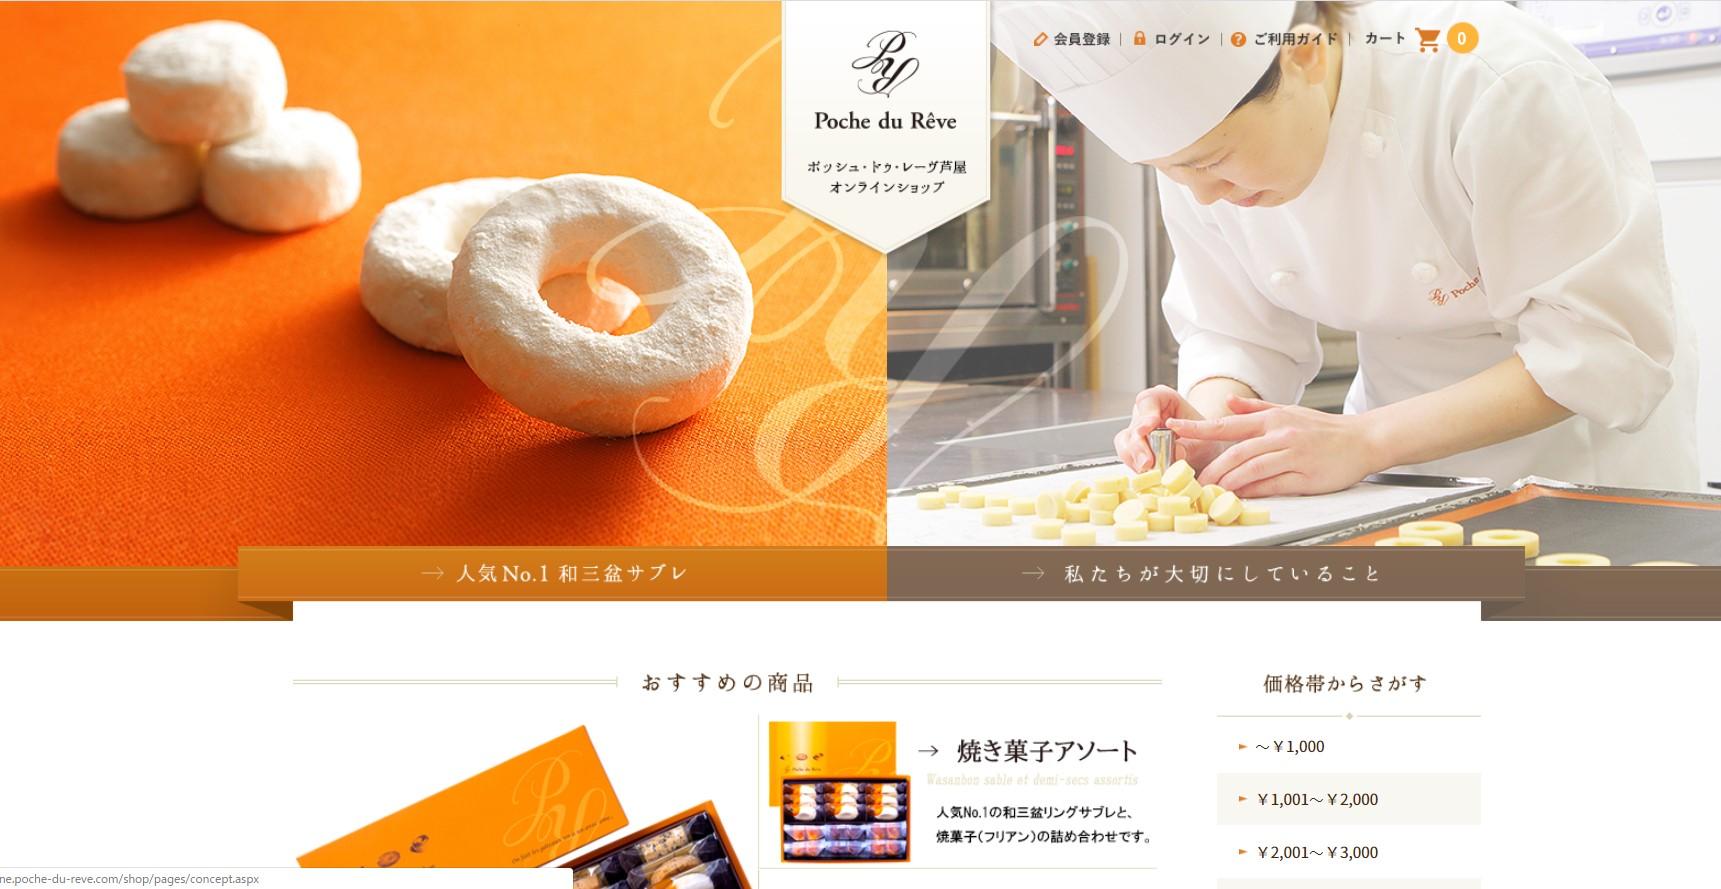 オンラインショップの活用は洋菓子店にとって重要な時代「0円で開設できる」